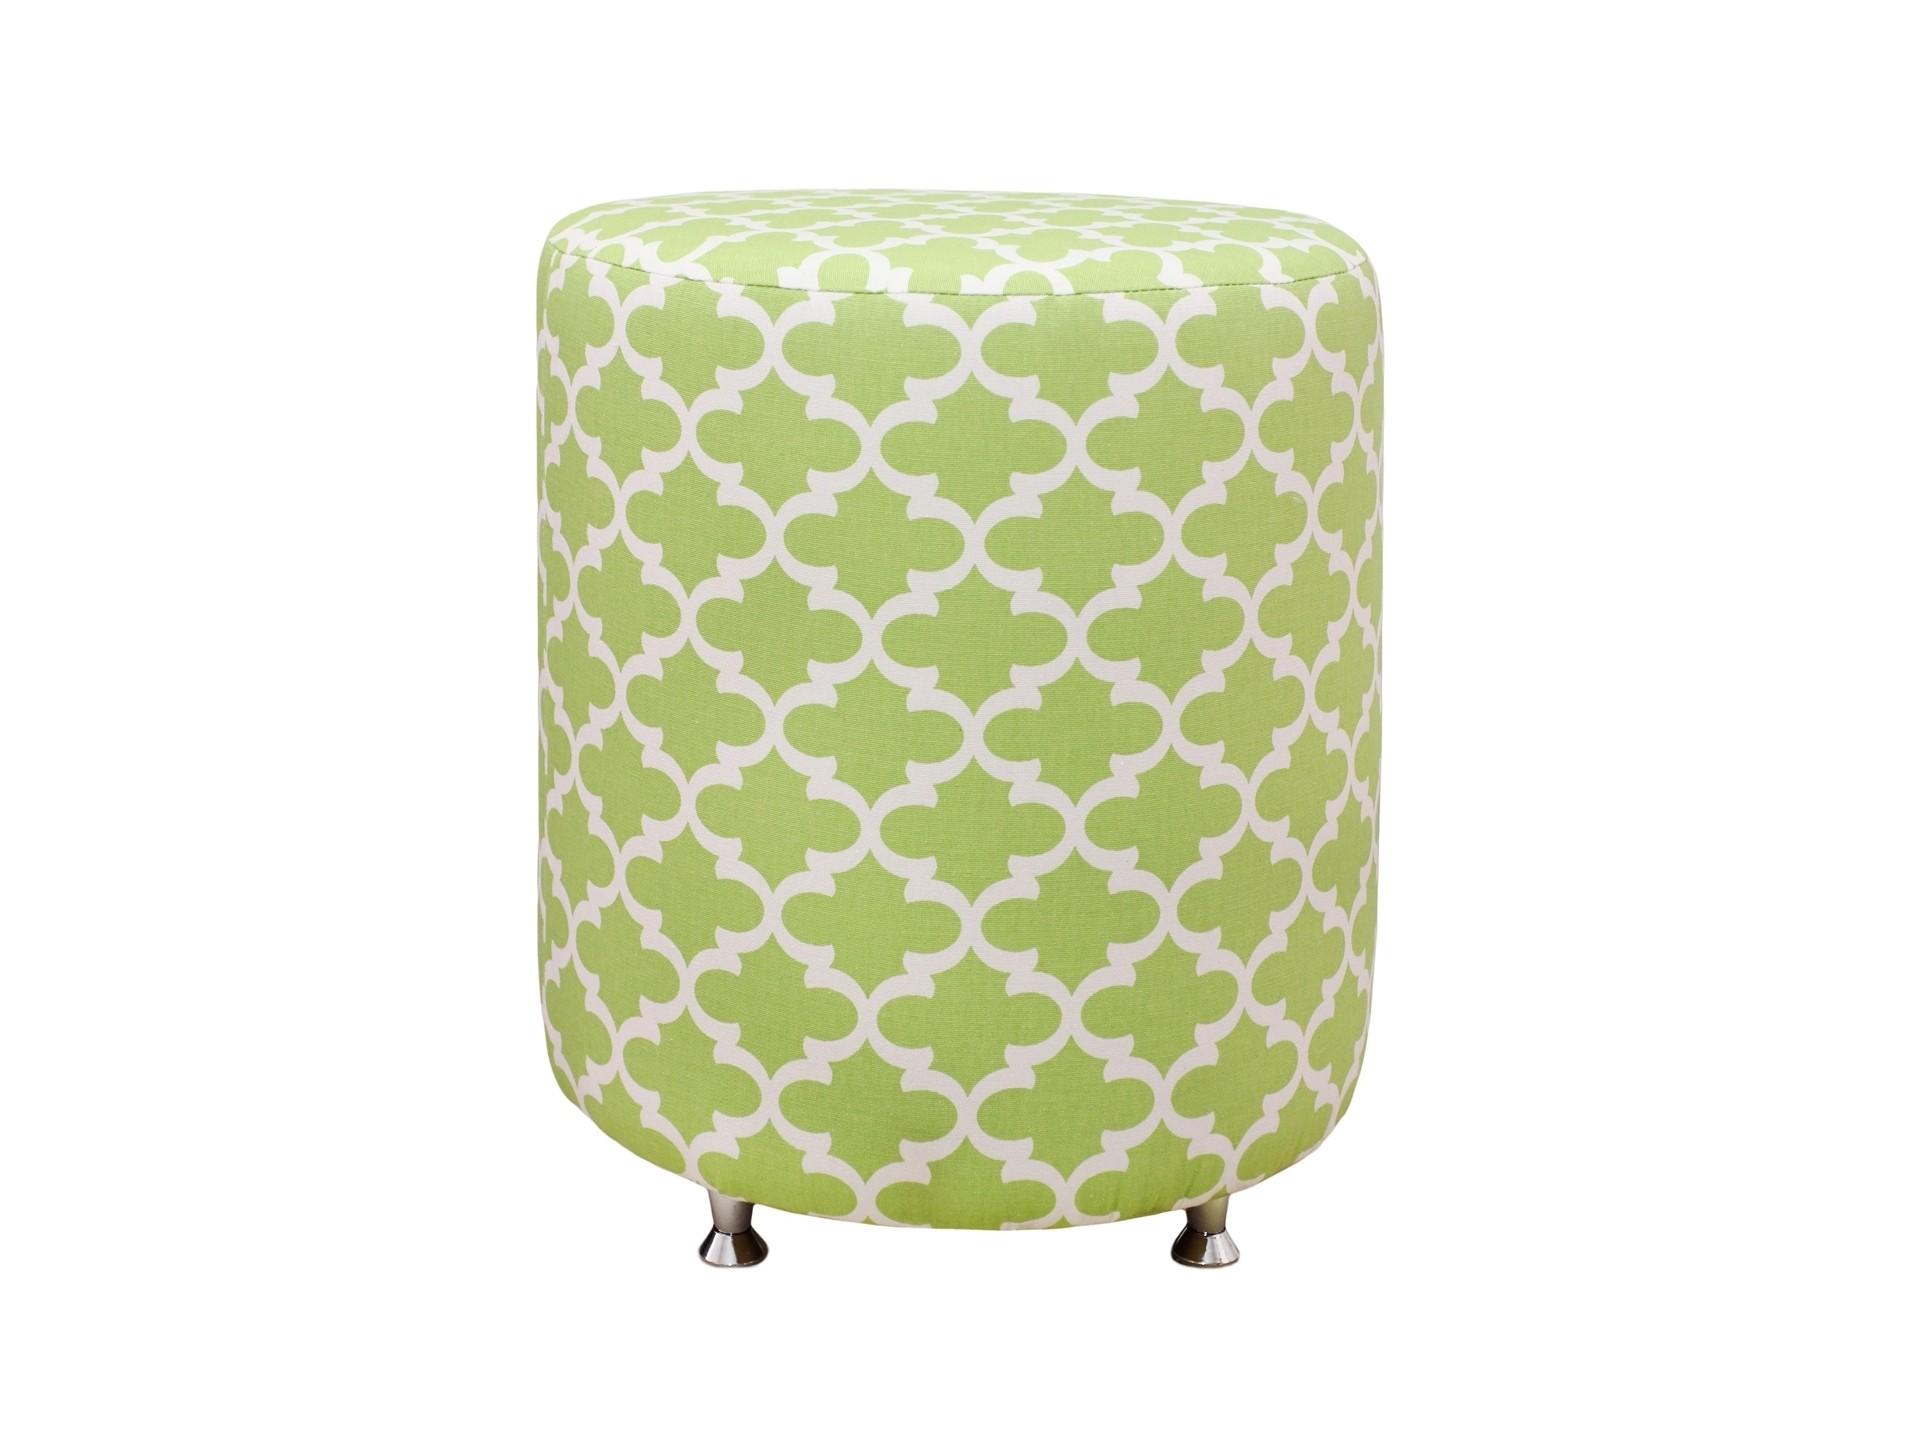 Круглый пуф Fulton KiwiФорменные пуфы<br>Устойчивый пуф на деревянной основе статнет незаменимым предметом декора или функциональной мебелью в вашем доме. А эксклюзивные ткани привезенные Лоскутклаб из США добавят изюминку в ваше пространство.<br><br>Material: Хлопок<br>Height см: 40<br>Diameter см: 38